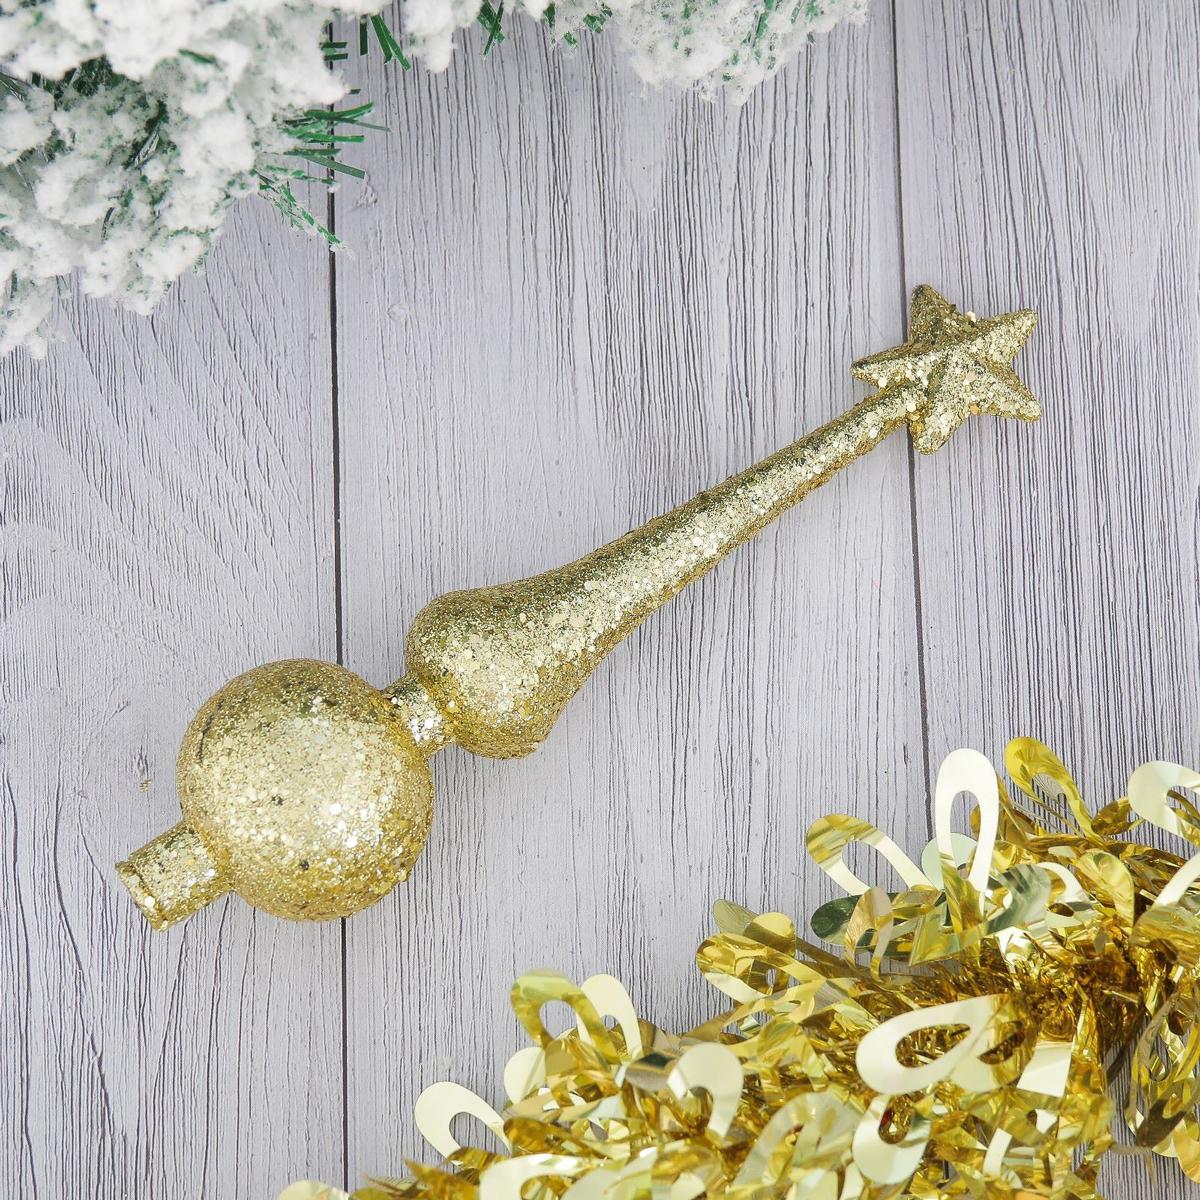 Макушка для елки Золотая россыпь, 4 х 18 см2371116Невозможно представить нашу жизнь без праздников! Мы всегда ждем их и предвкушаем, обдумываем, как проведем памятный день, тщательно выбираем подарки и аксессуары, ведь именно они создают и поддерживают торжественный настрой. Это отличный выбор, который привнесет атмосферу праздника в ваш дом!